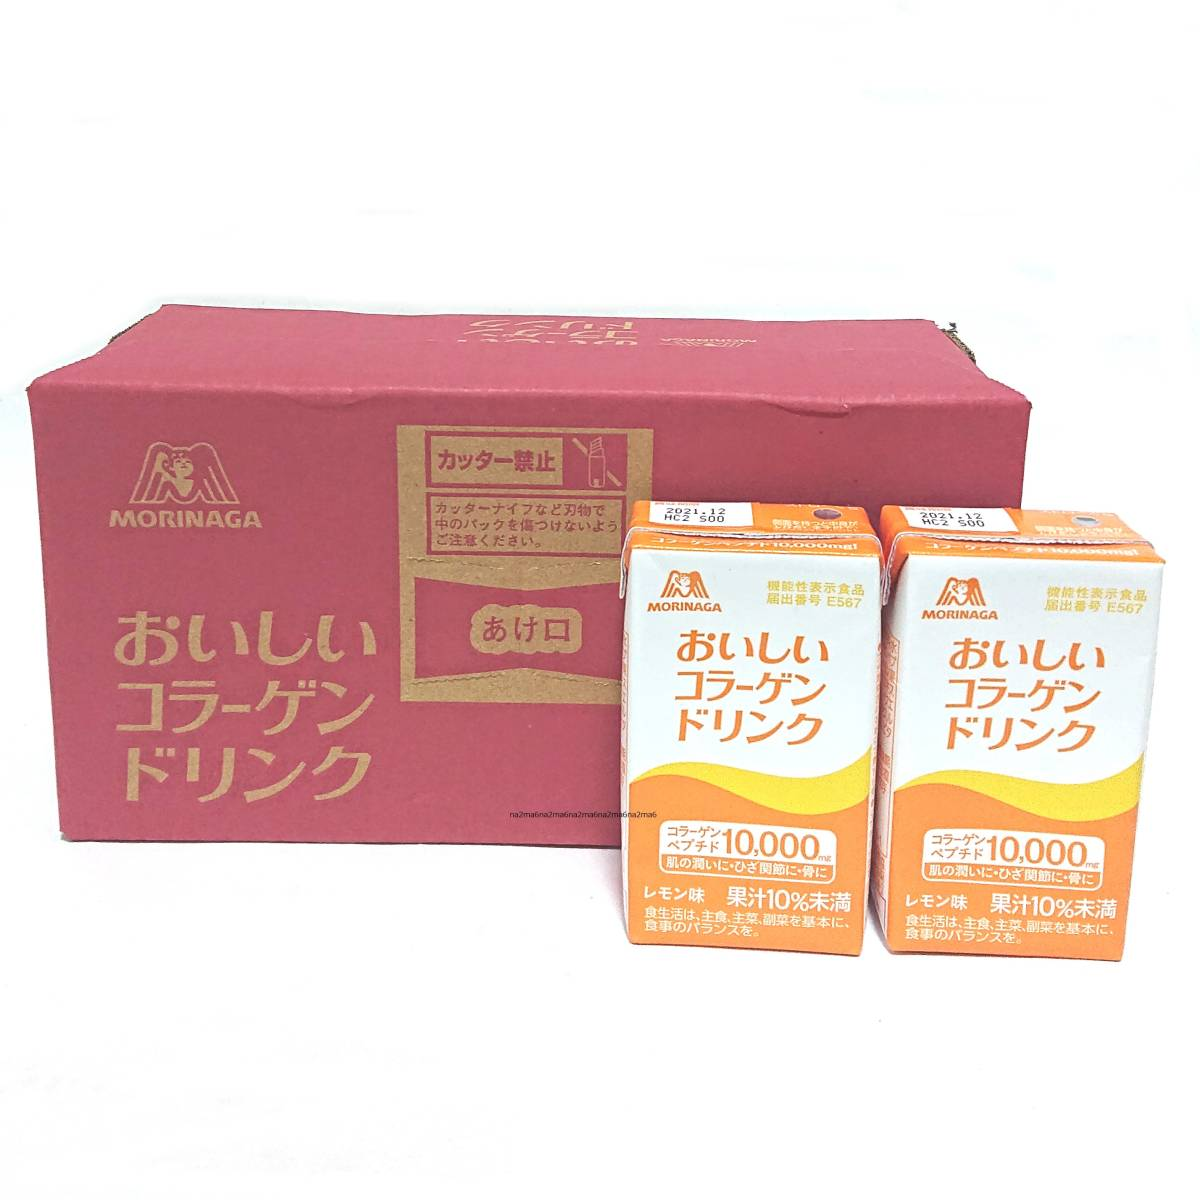 即決★森永 おいしいコラーゲンドリンク MORINAGA ピーチ味12本+レモン味2本 14本セット_画像1